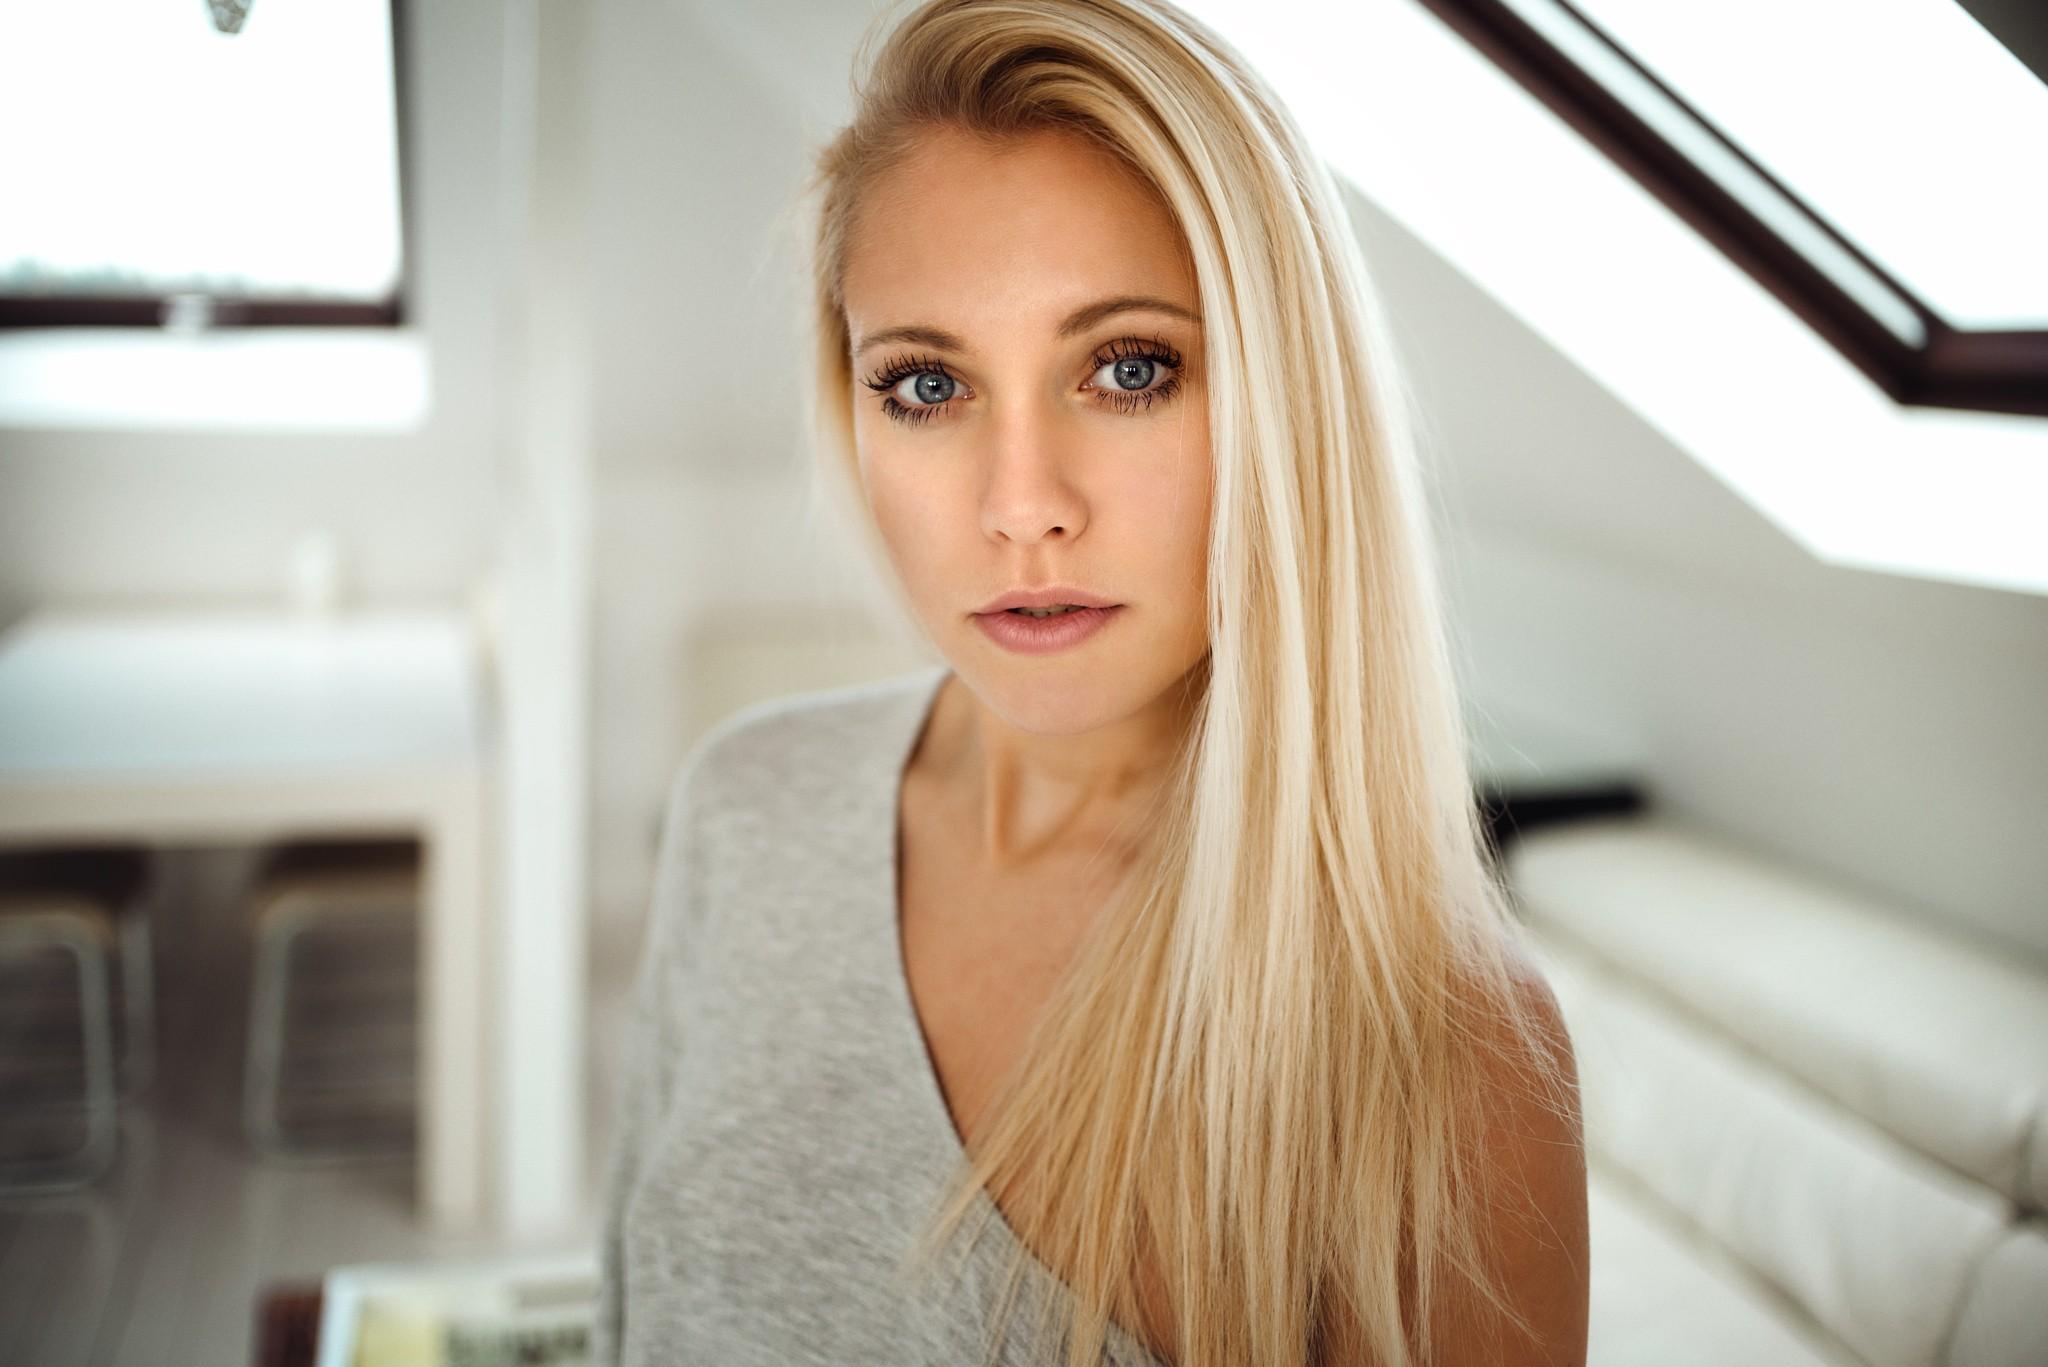 Блондиночка с короткими волосами шоке,но аборт